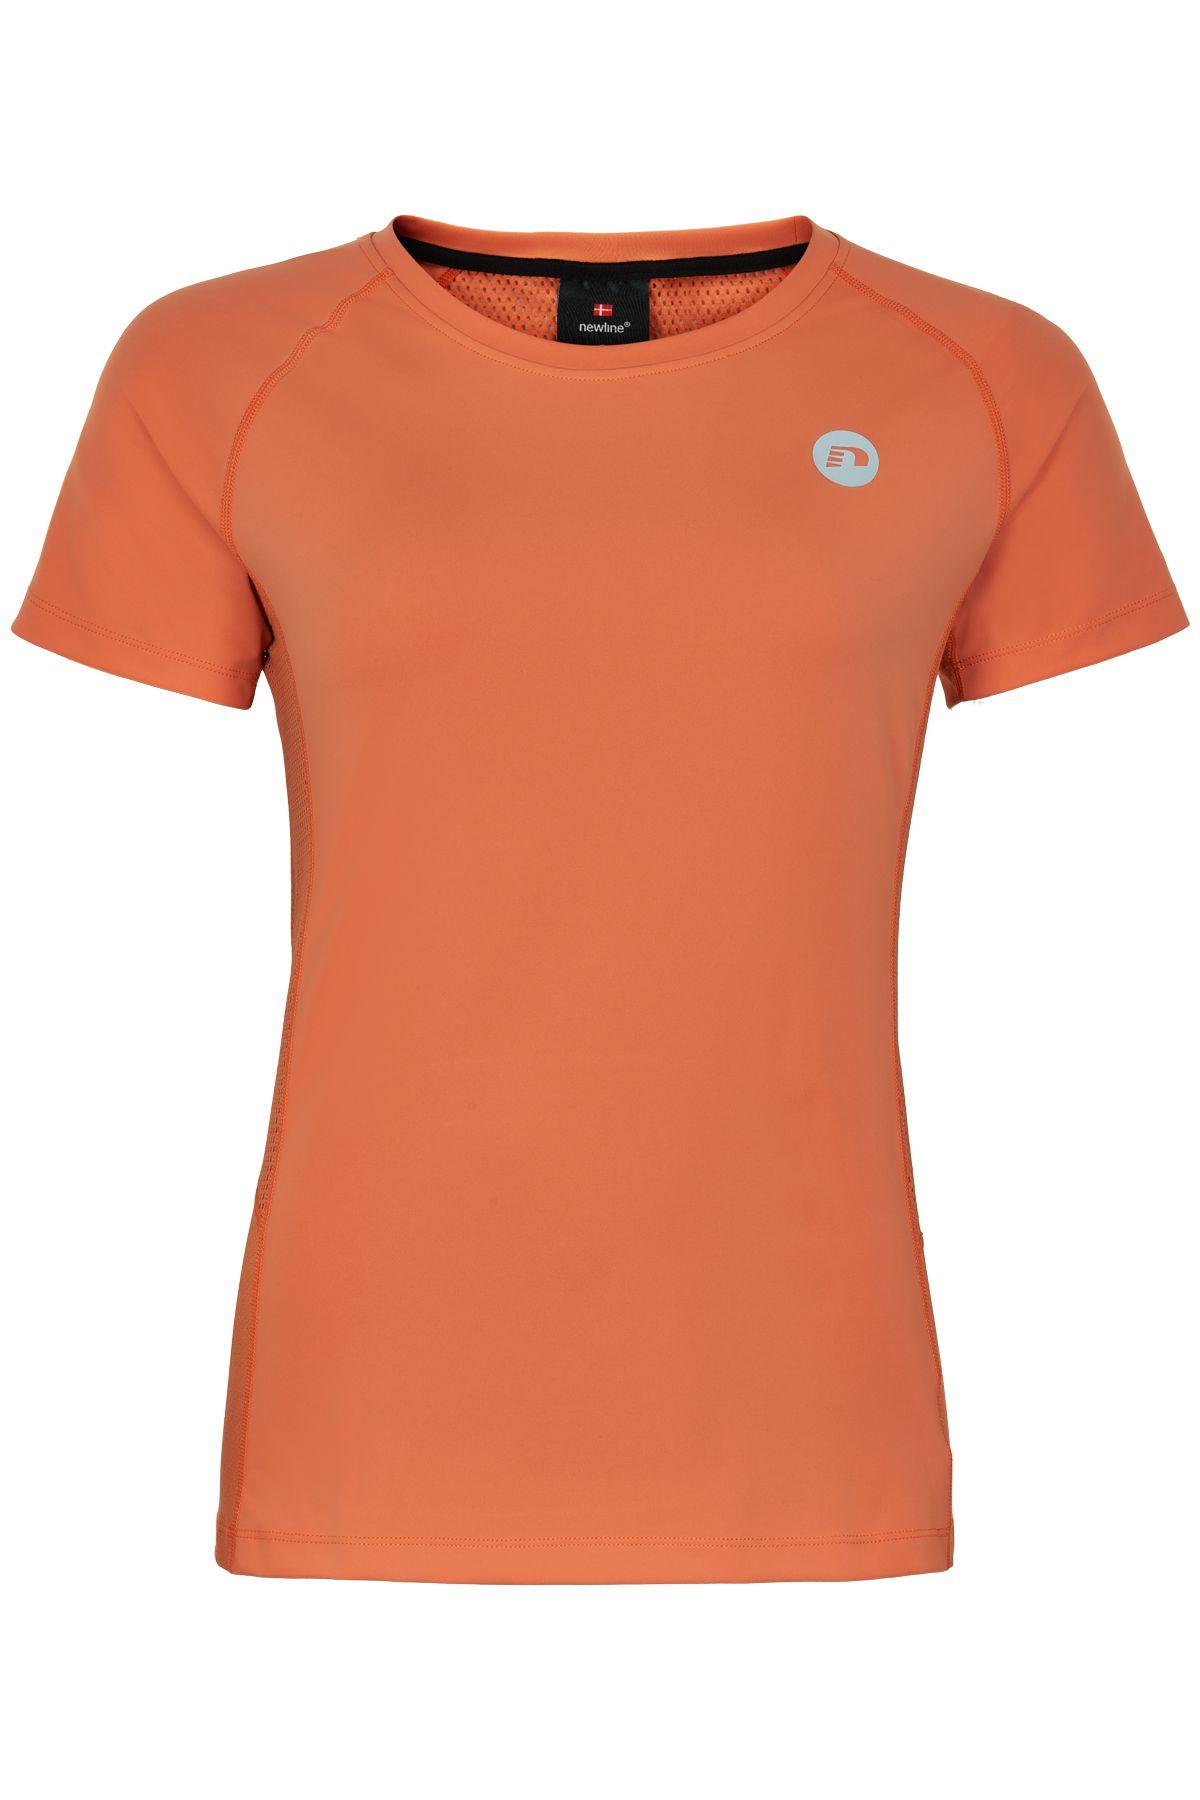 Newline Running t-shirt